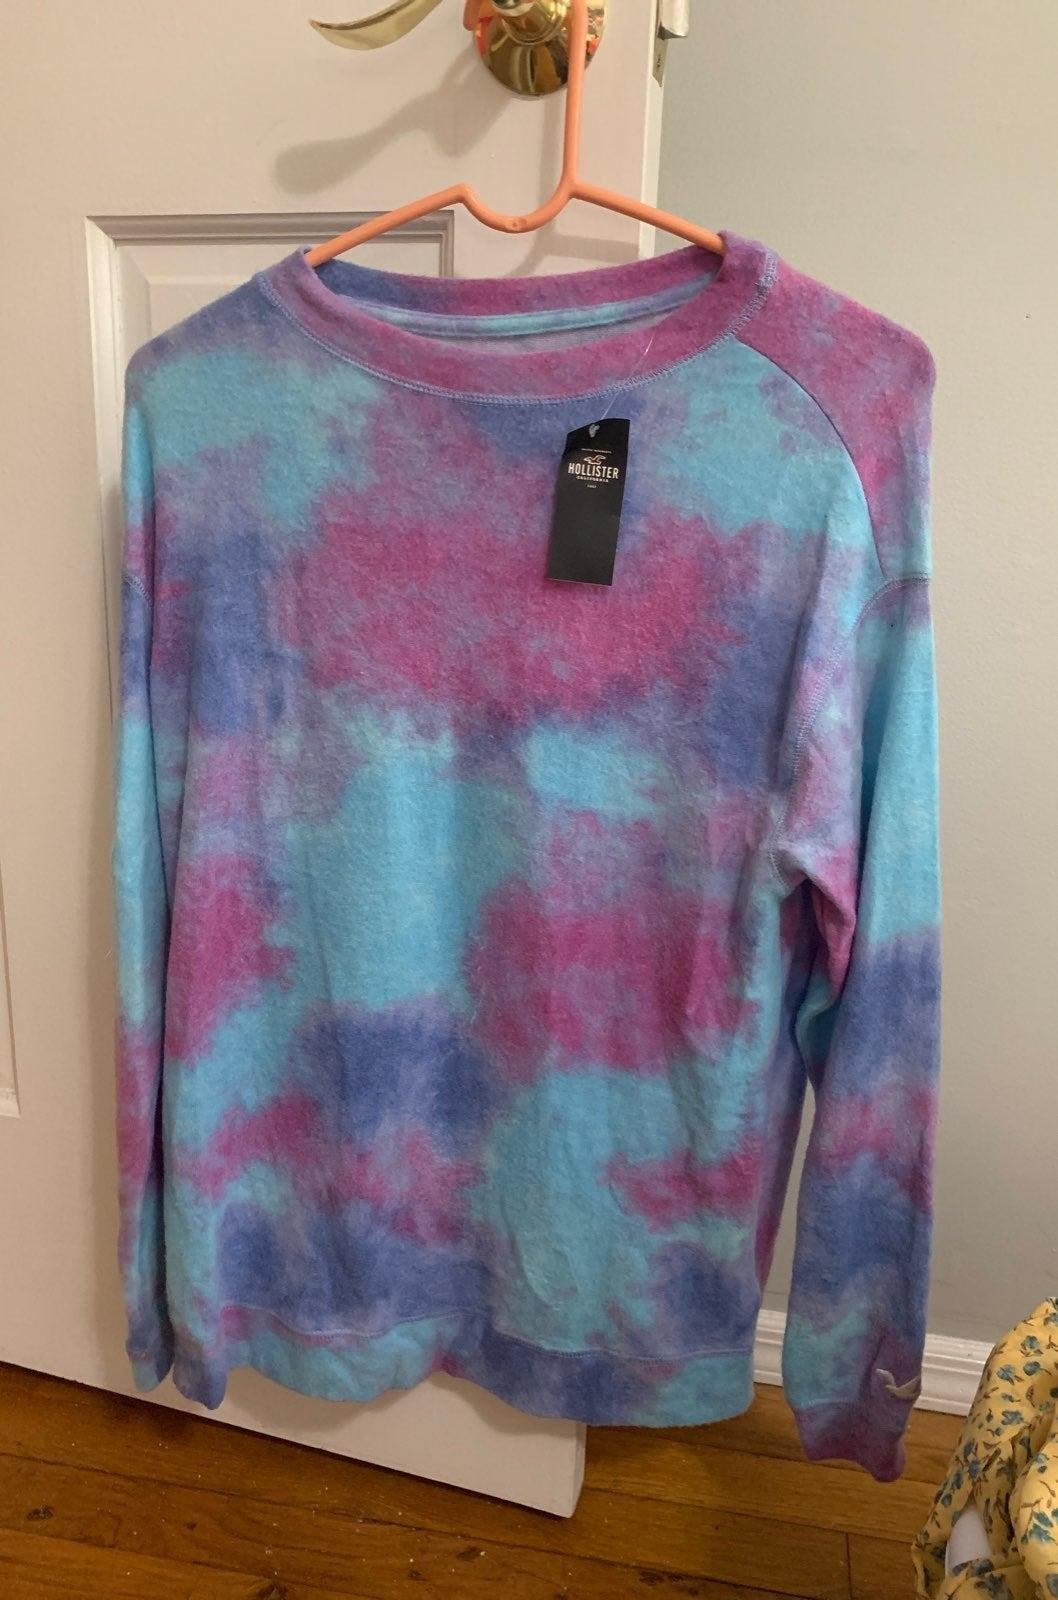 Large fuzzy tie dye hollister sweatshirt